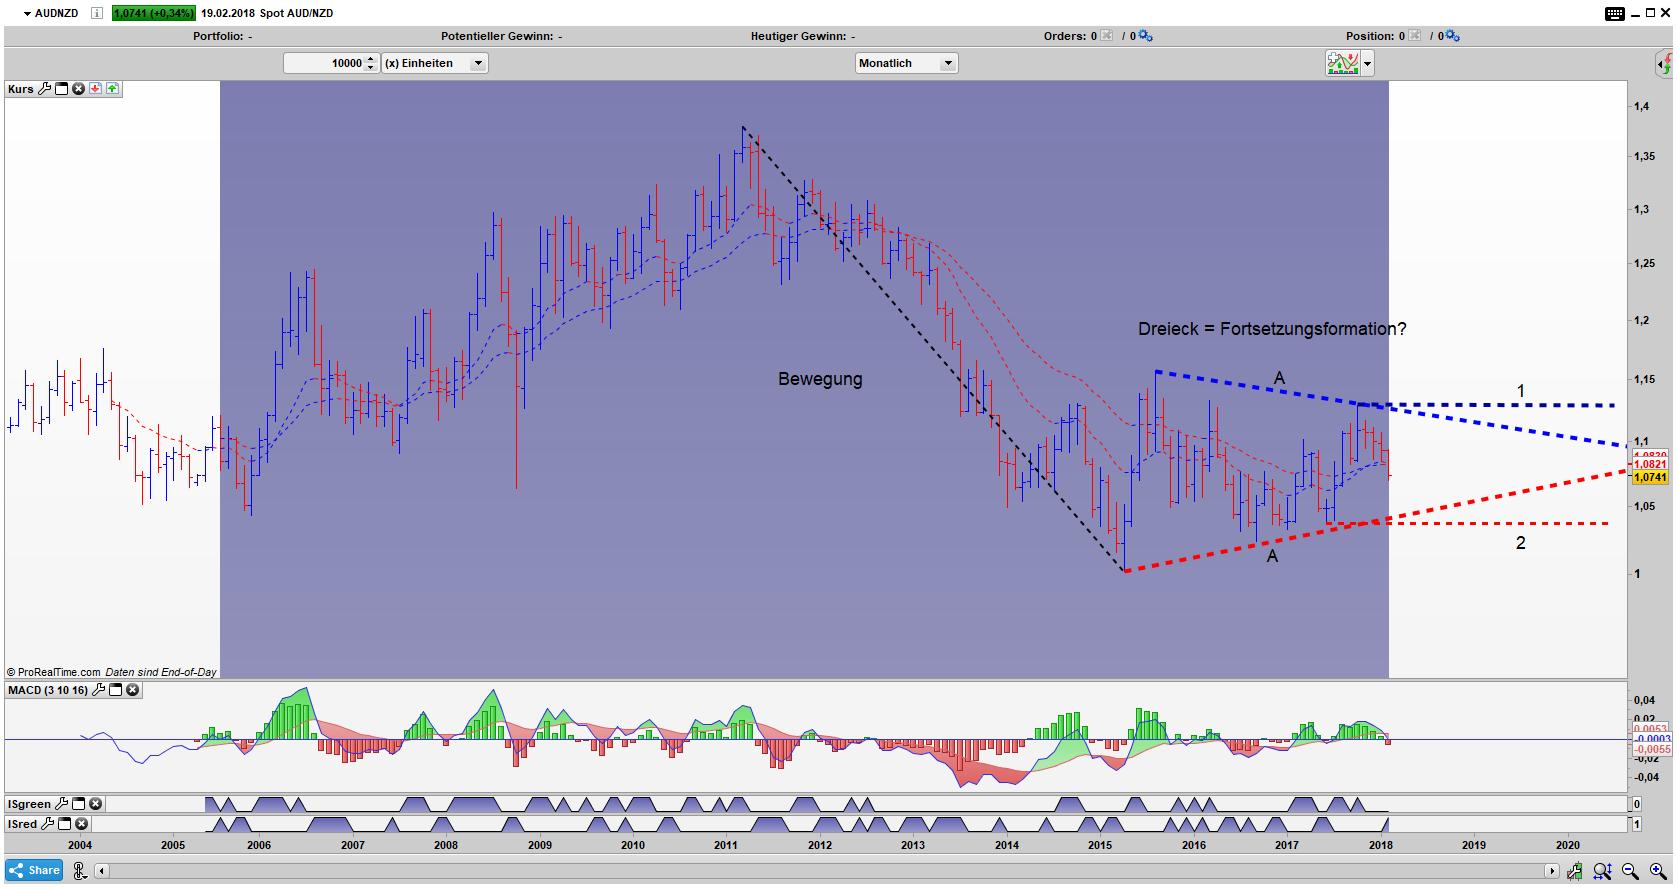 AUD/NZD Bar Monats Chart: Nach der Bewegung, Korrektur in Form eines Dreiecks